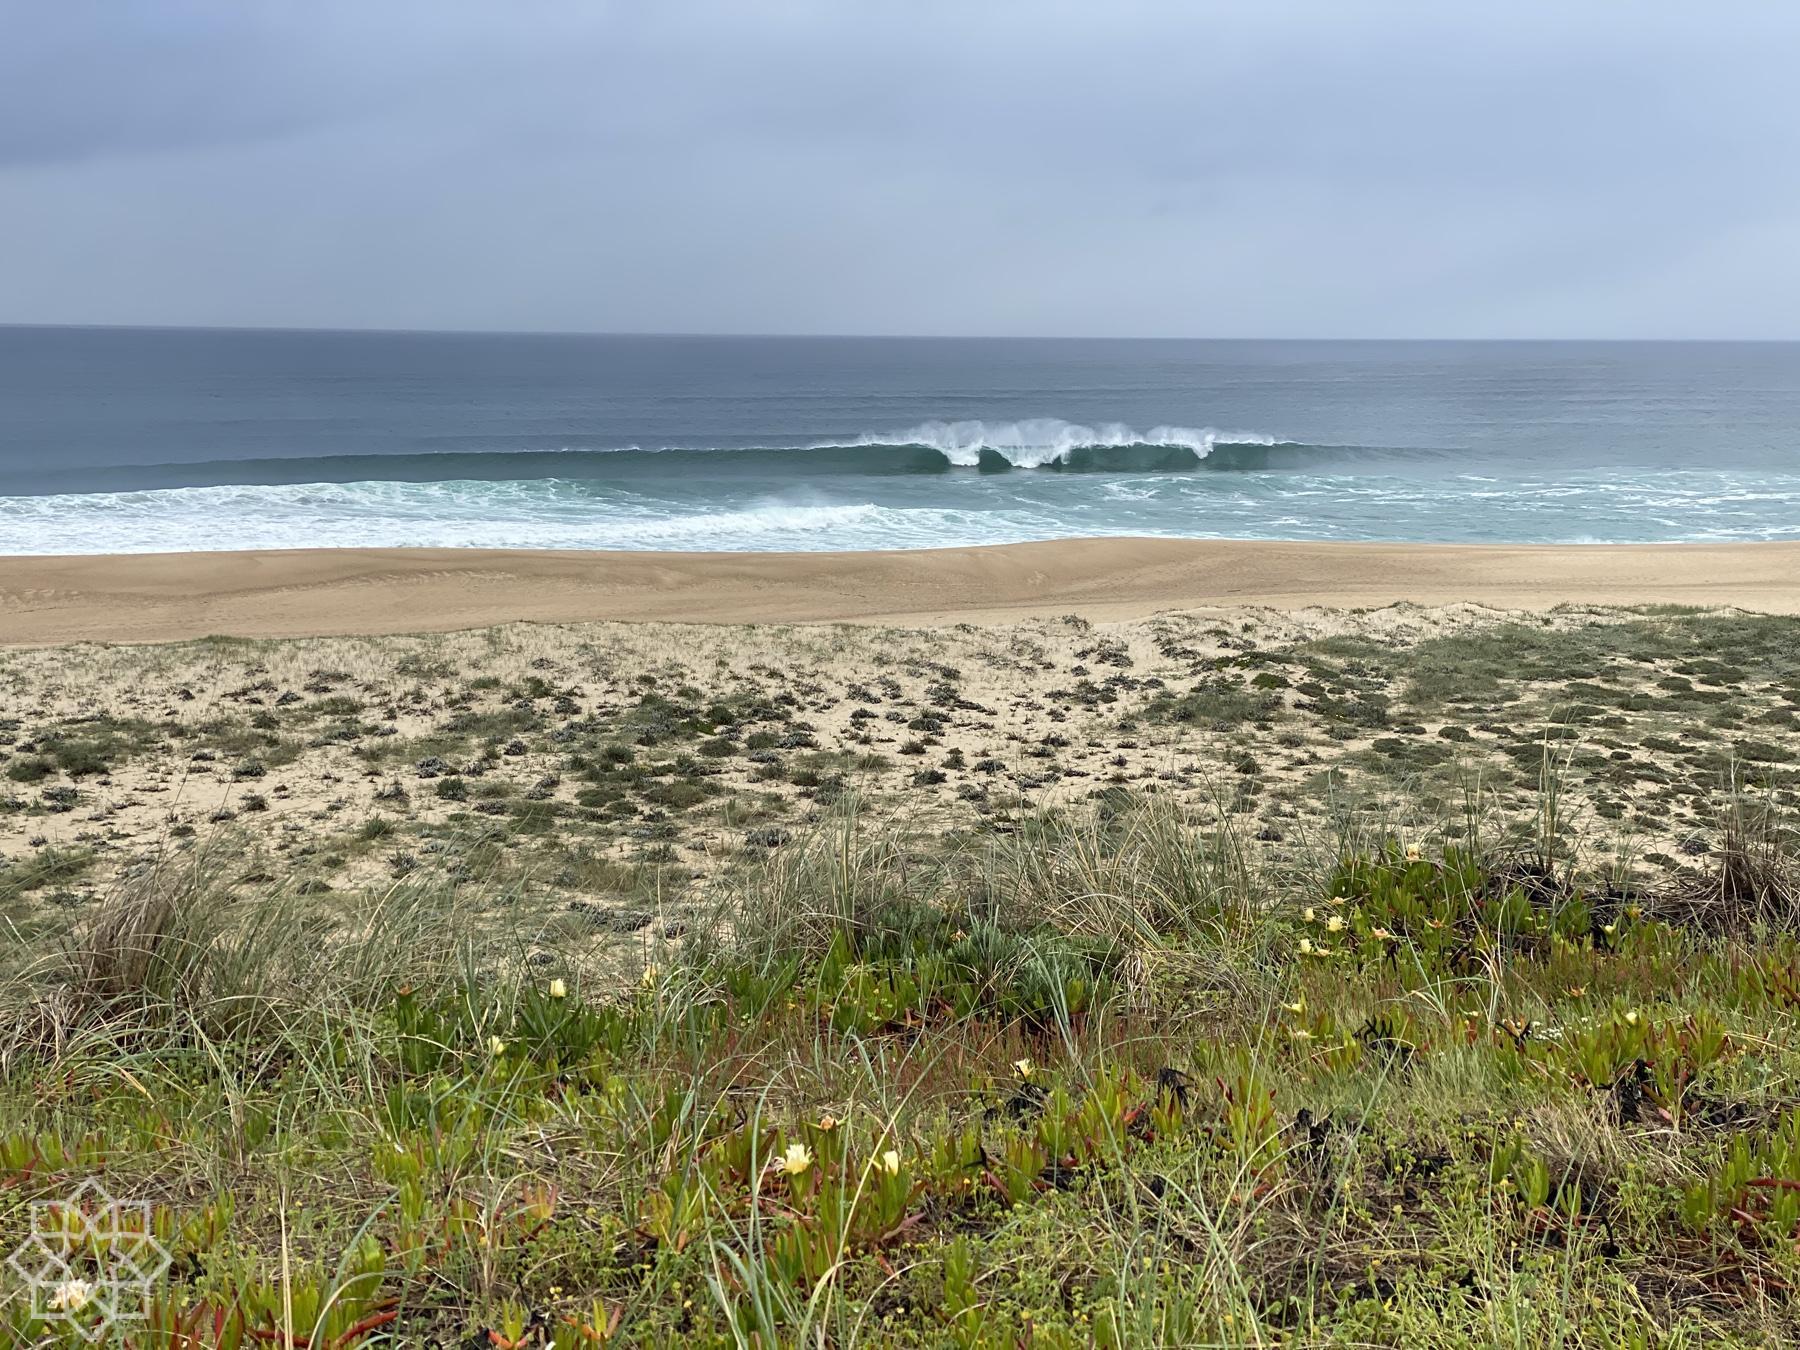 Praia do Norte normala vågor